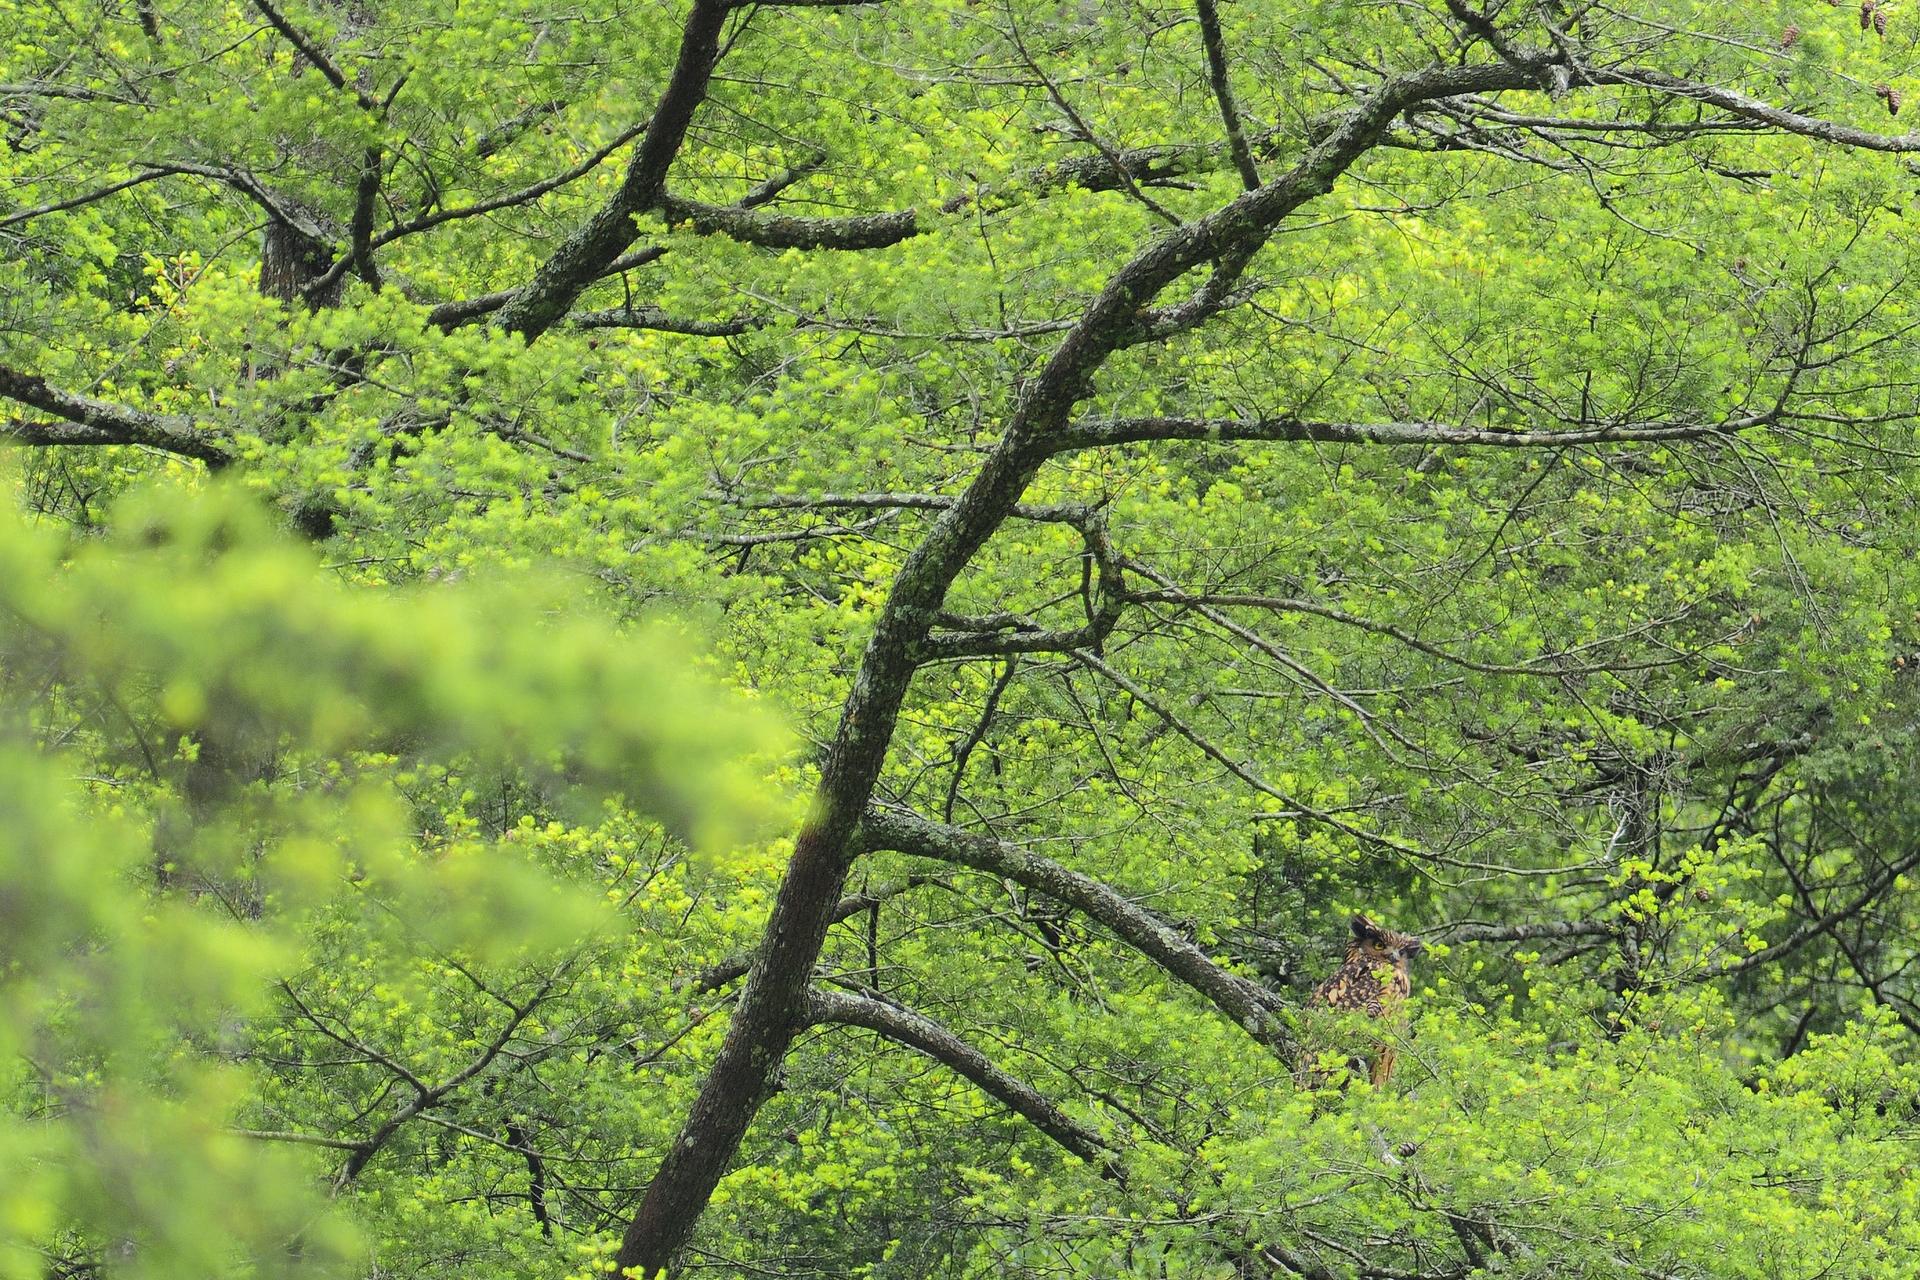 繁殖期間在巢邊守護的親鳥(攝影:謝季恩)